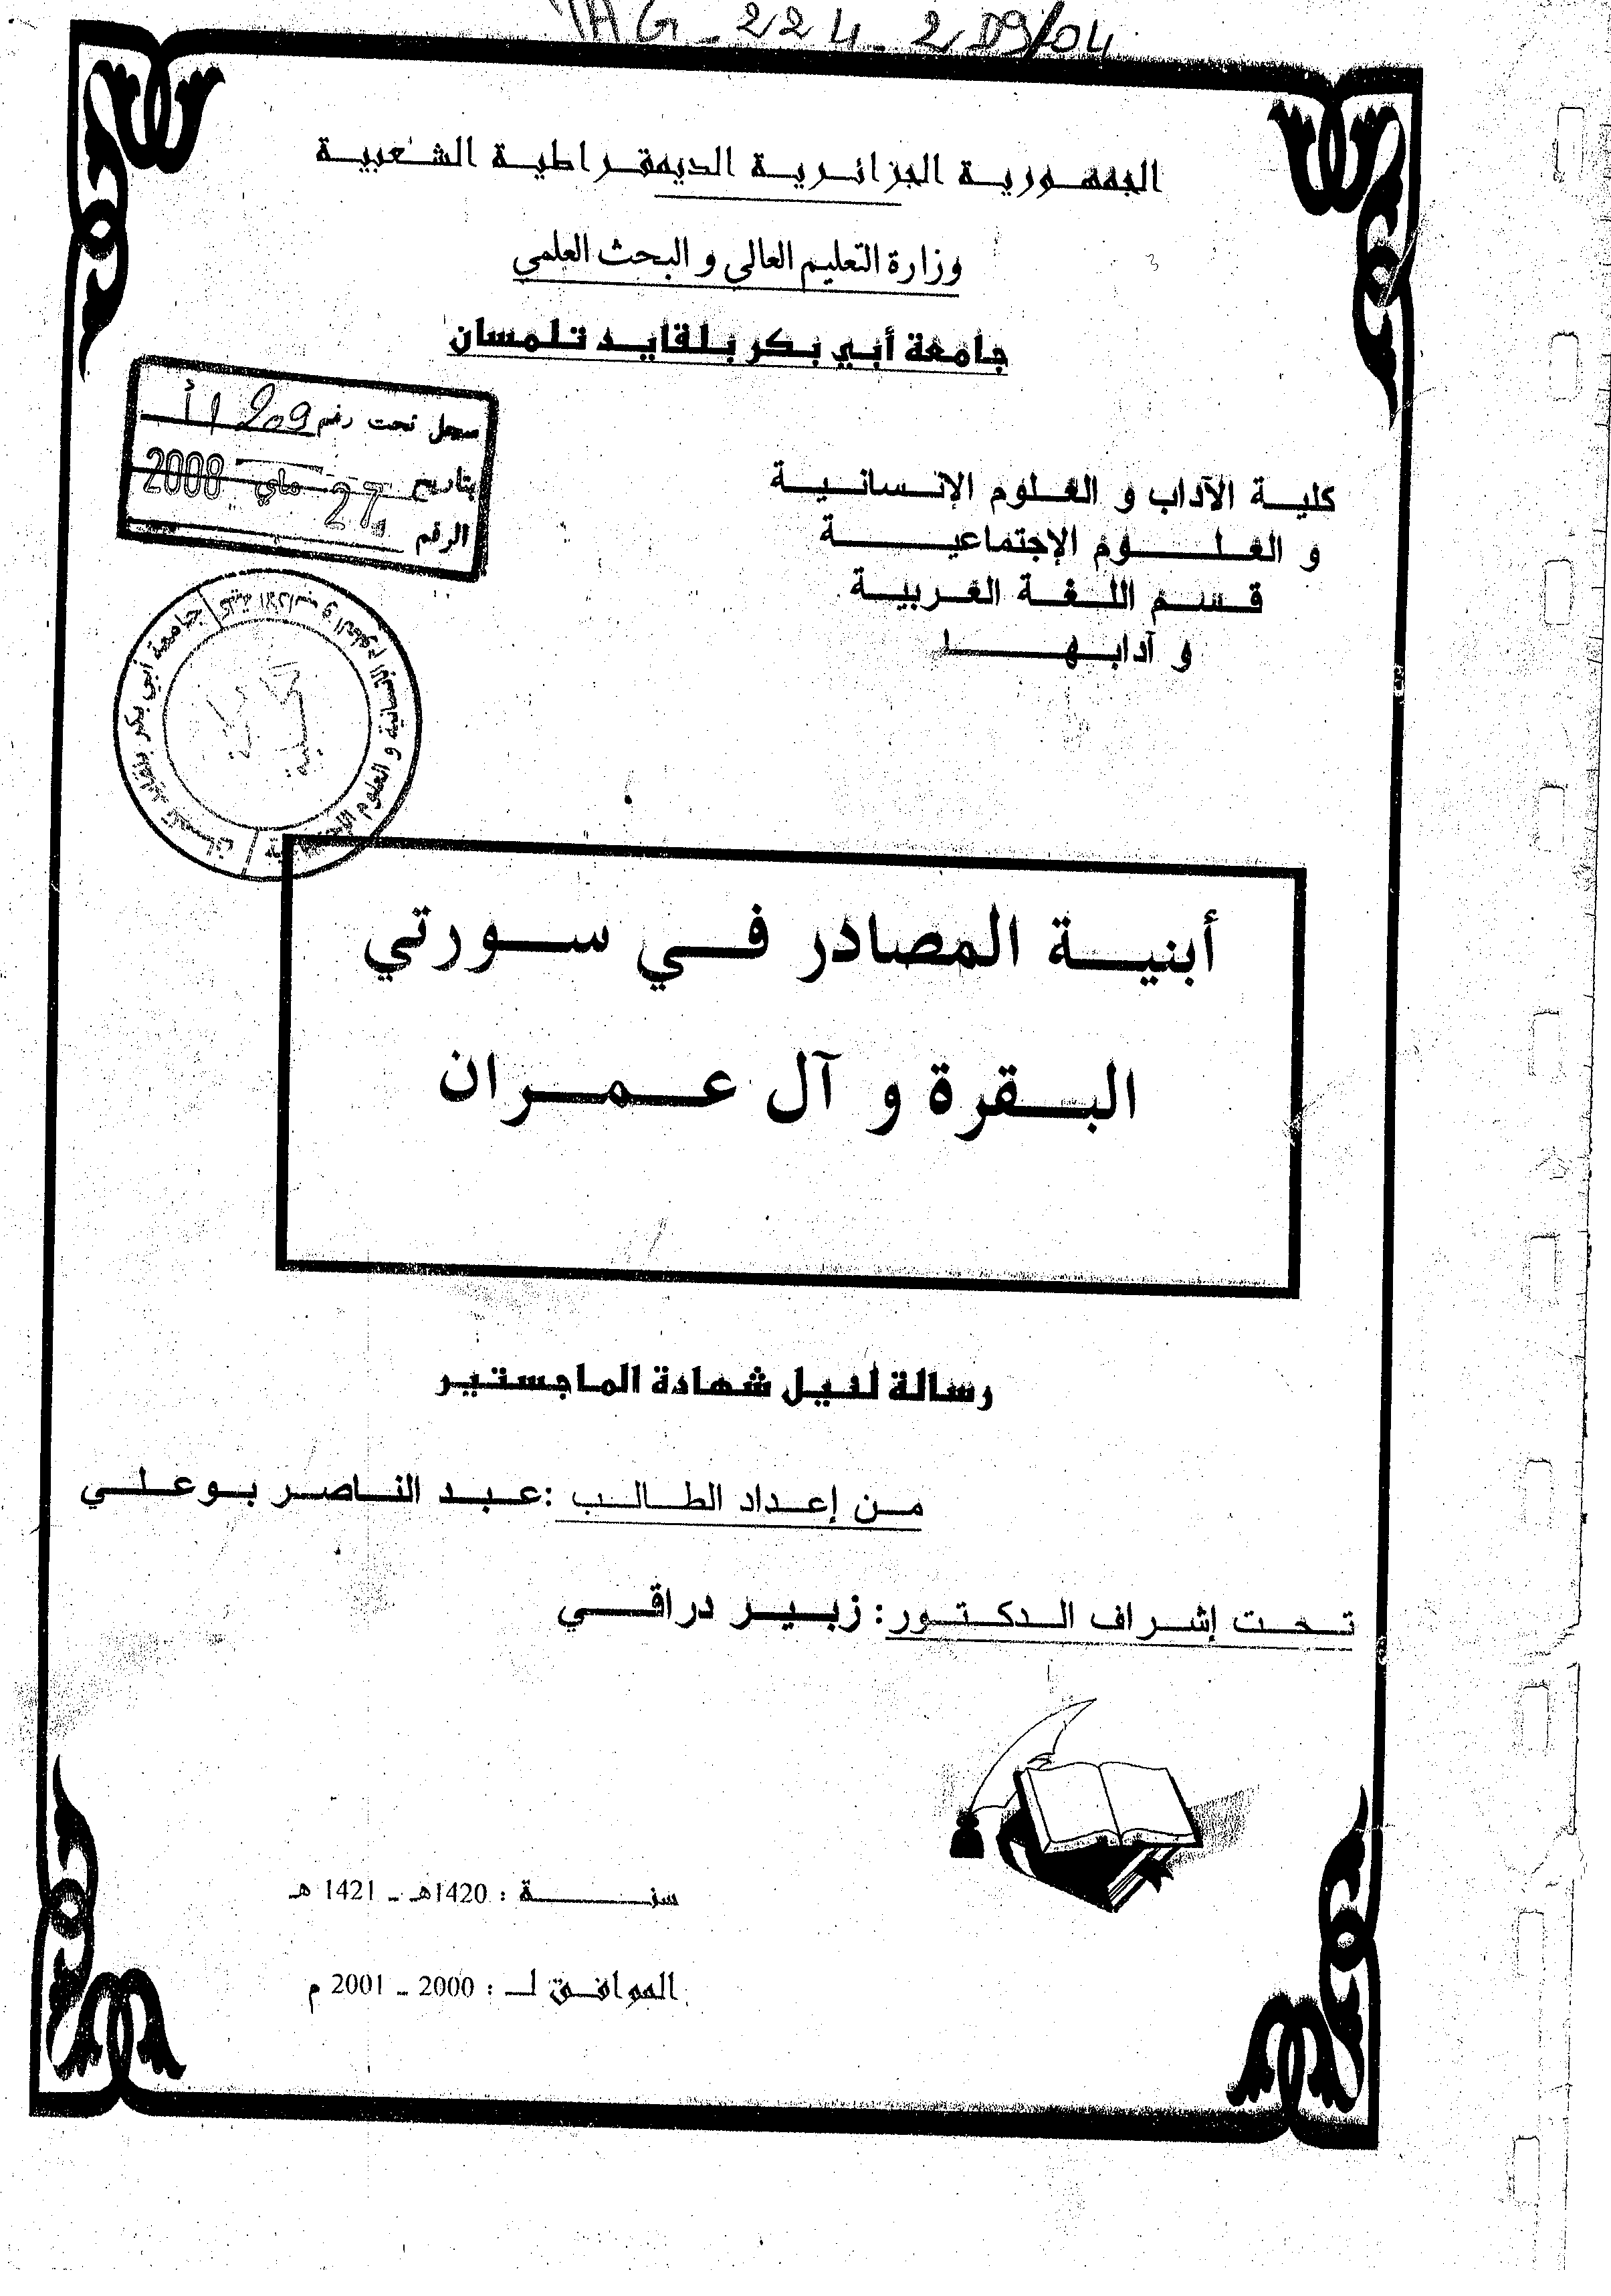 أبنية المصادر في سورتي البقرة وآل عمران - عبد الناصر بوعلي